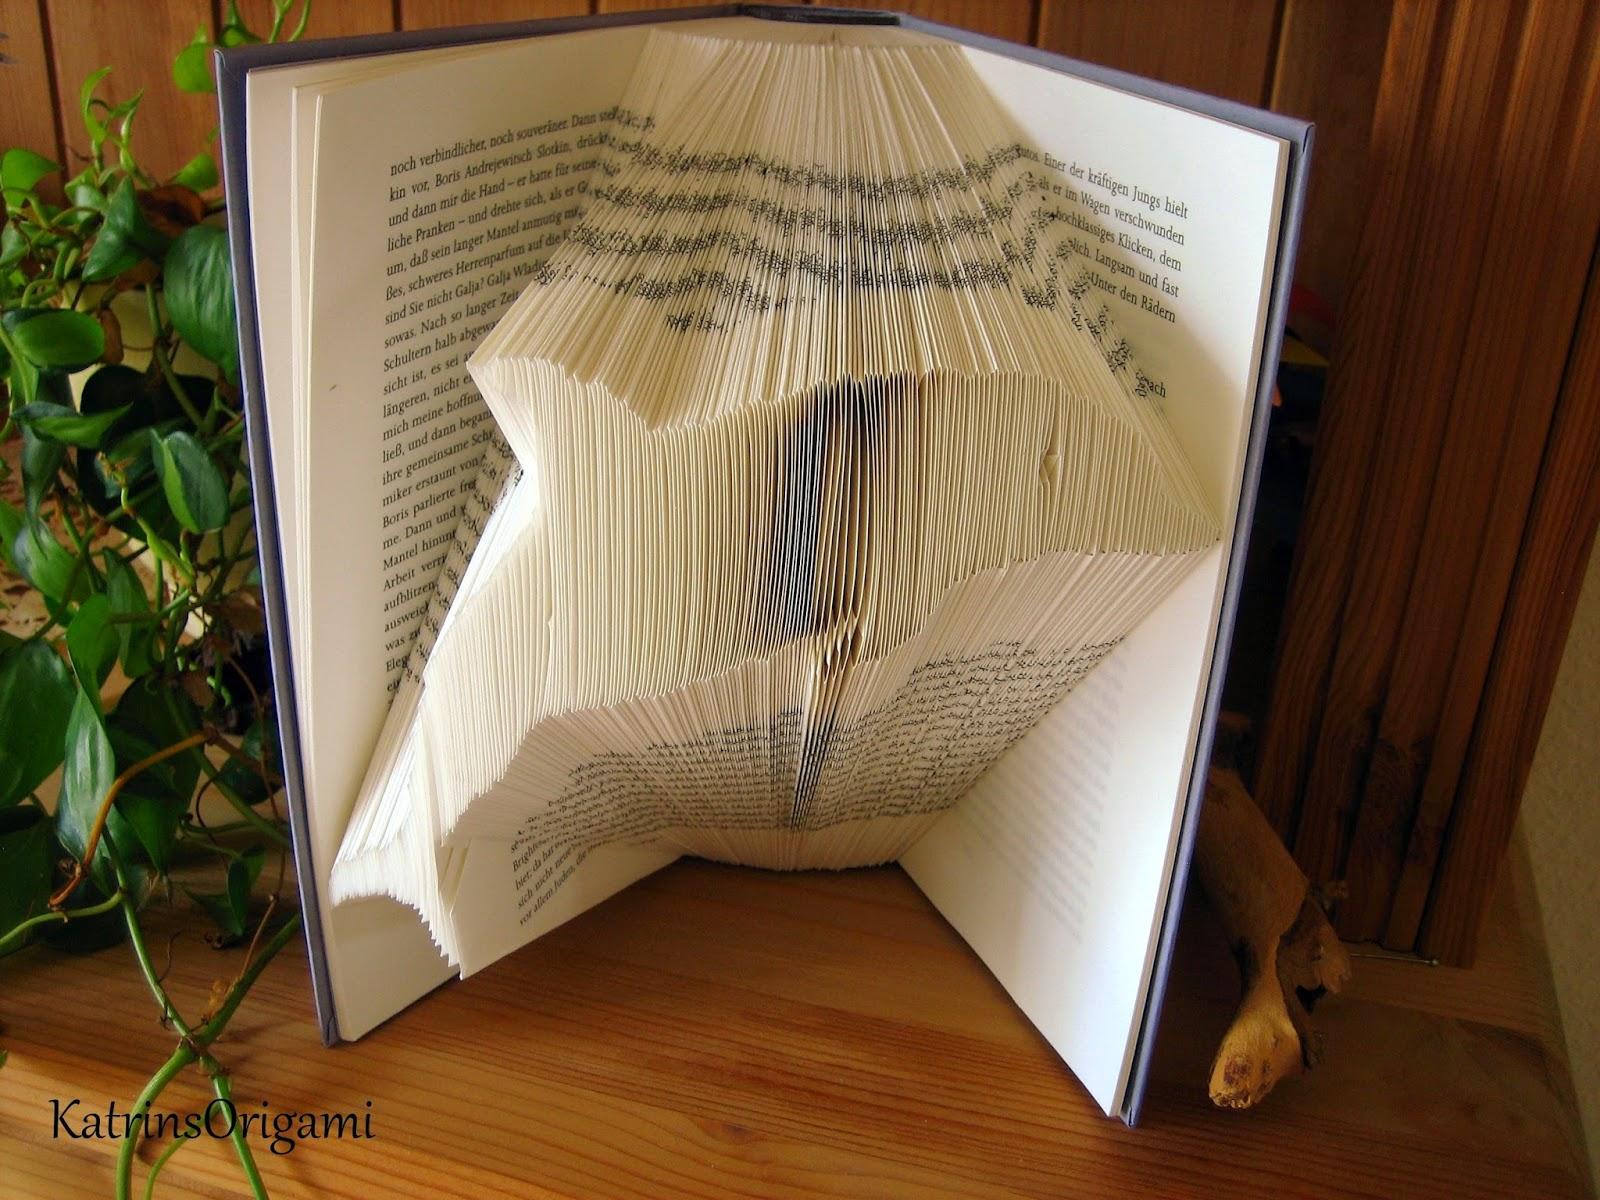 Origami Die Kunst Des Papierfaltens Book Art